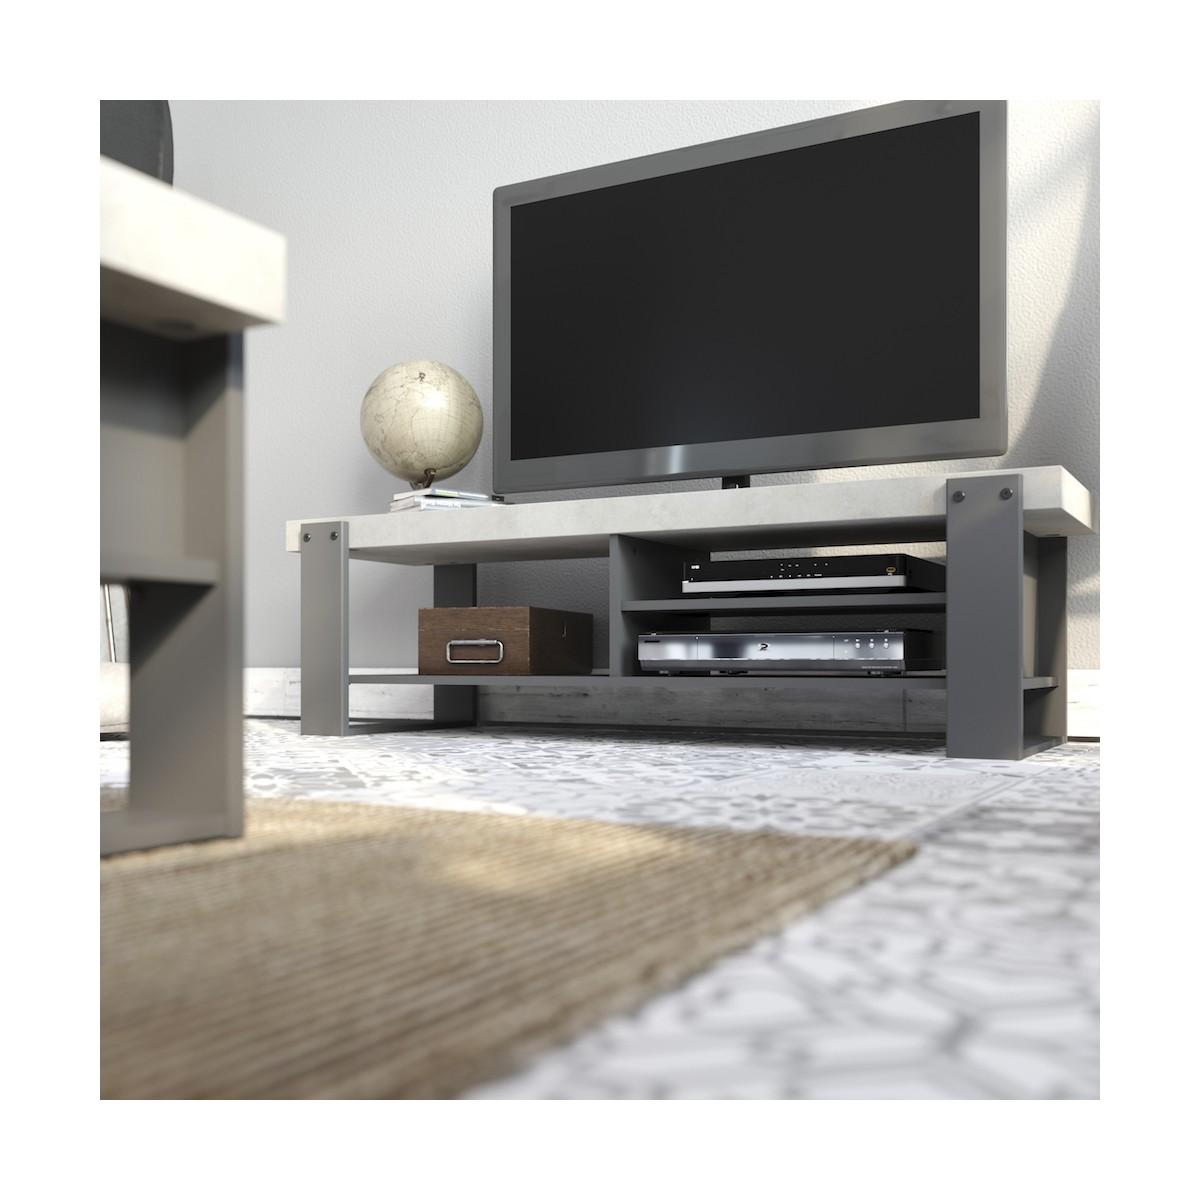 industriemobel tv eleanor klar graue schatten beton aus holz amp story 5842